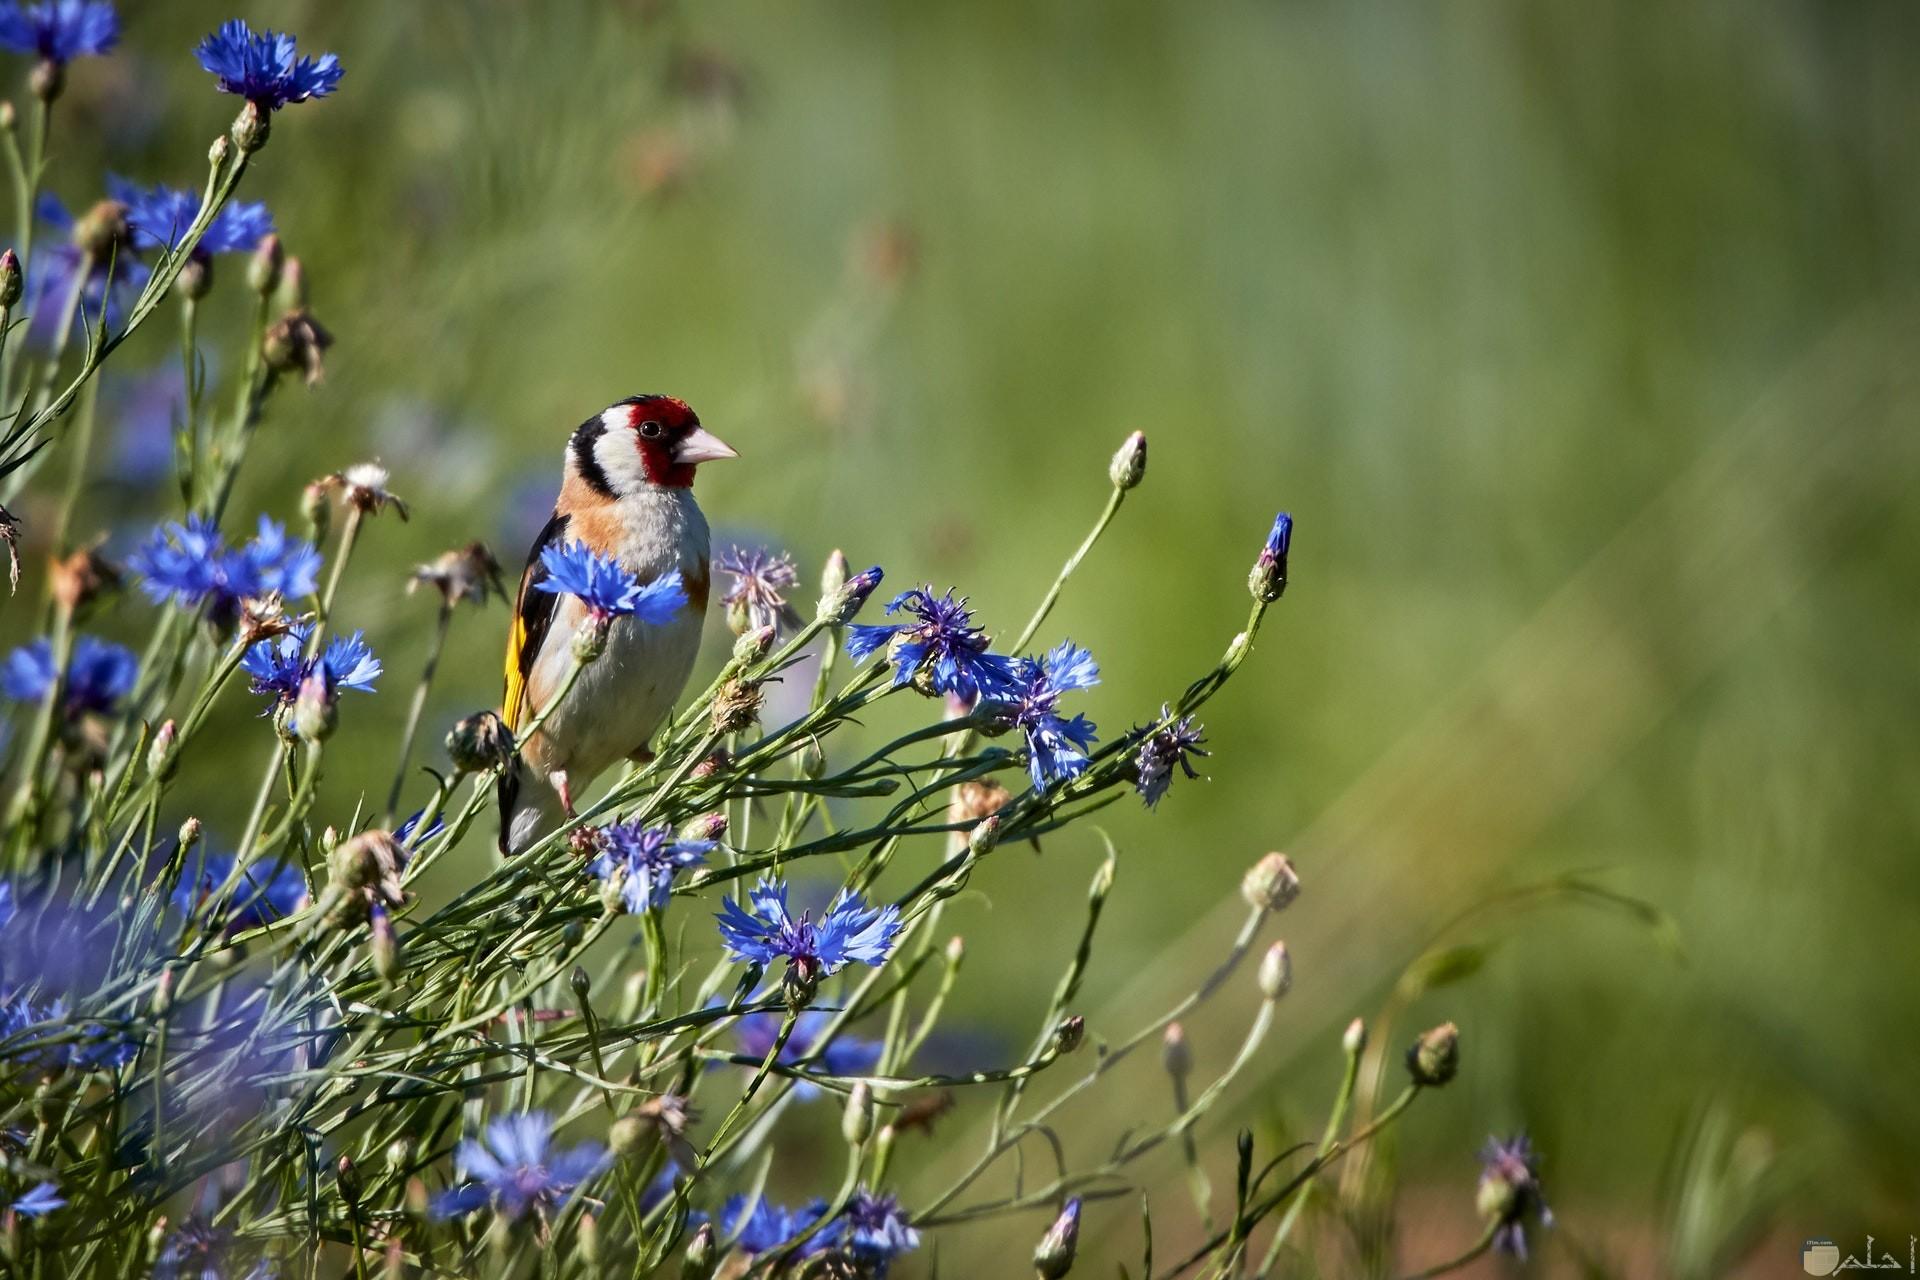 صورة مميزة جدا لطائر أبيض ورأسه أحمر جميل مع حديقة ورد زرقاء